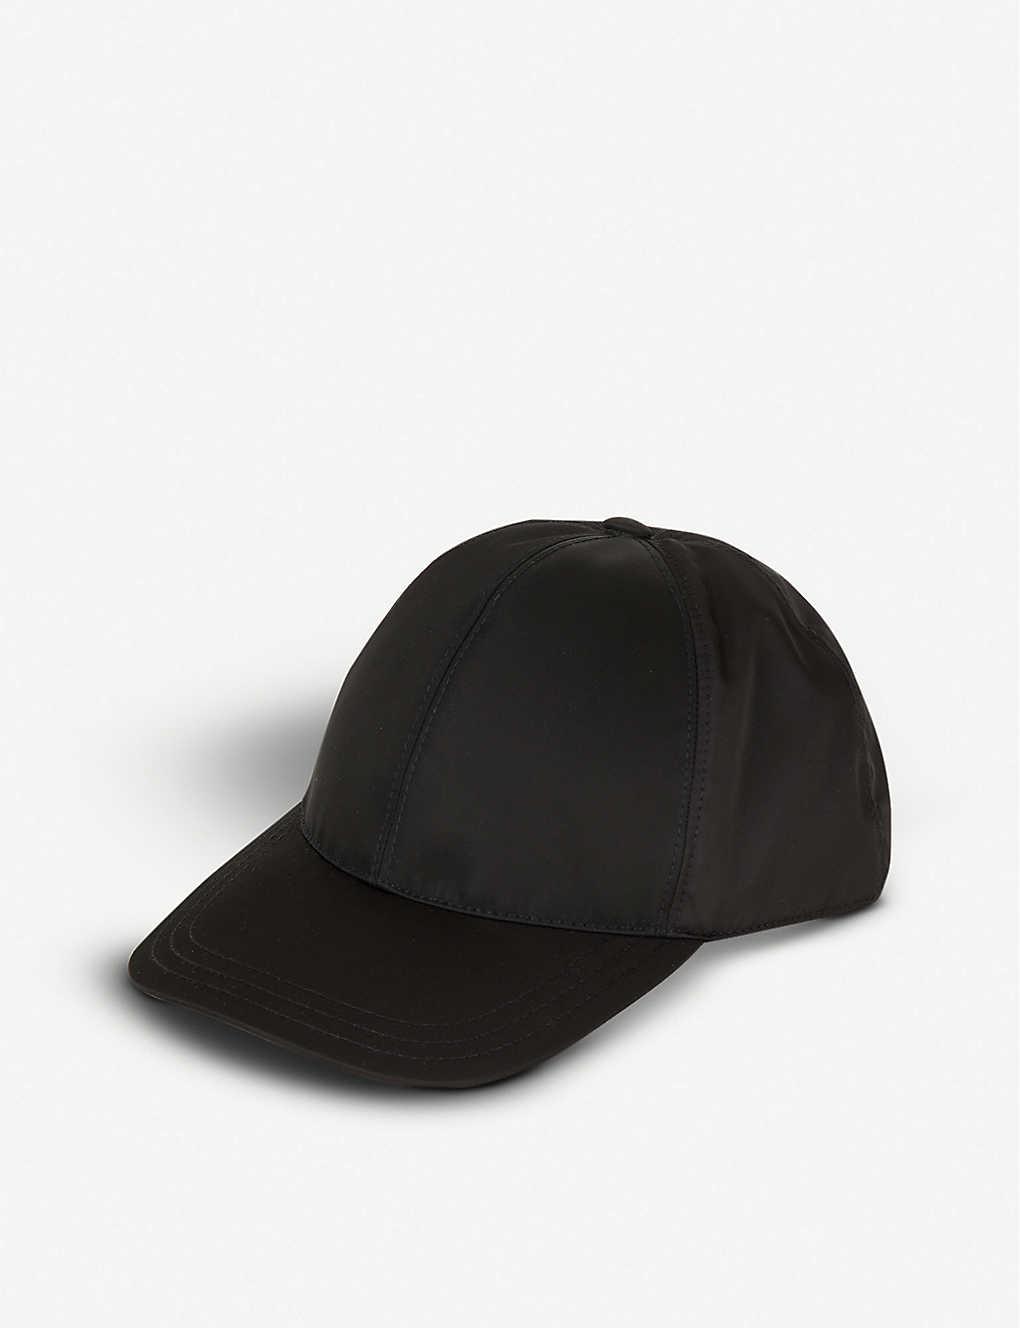 e4a027da PRADA - Logo-plaque nylon baseball cap | Selfridges.com